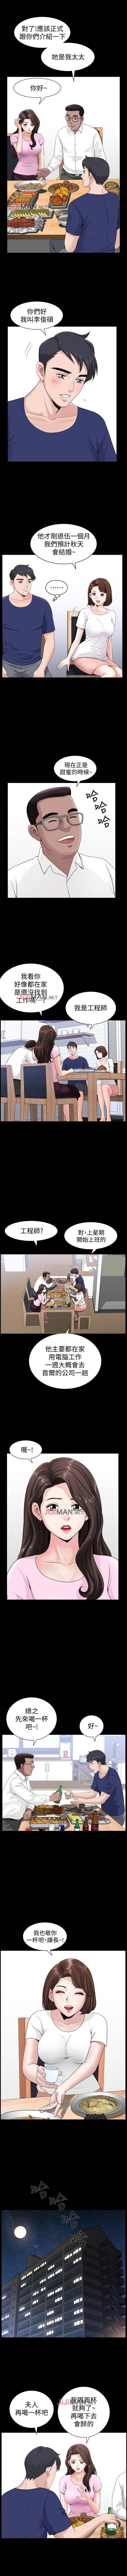 【周日连载】双妻生活(作者:skyso) 第1~23话 25